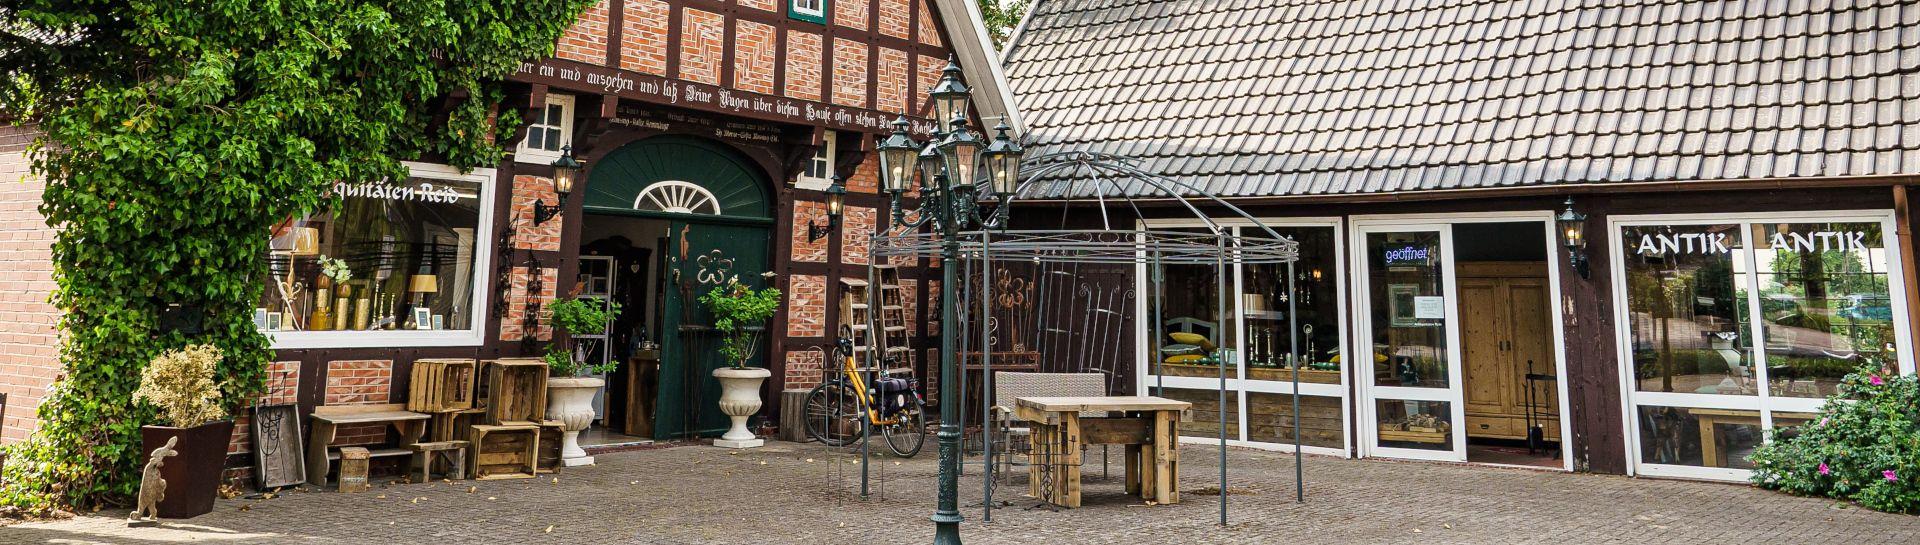 Blick auf ein Fachwerkhaus in Nortrup, das einen Antiquitaetenhandel beherbergt